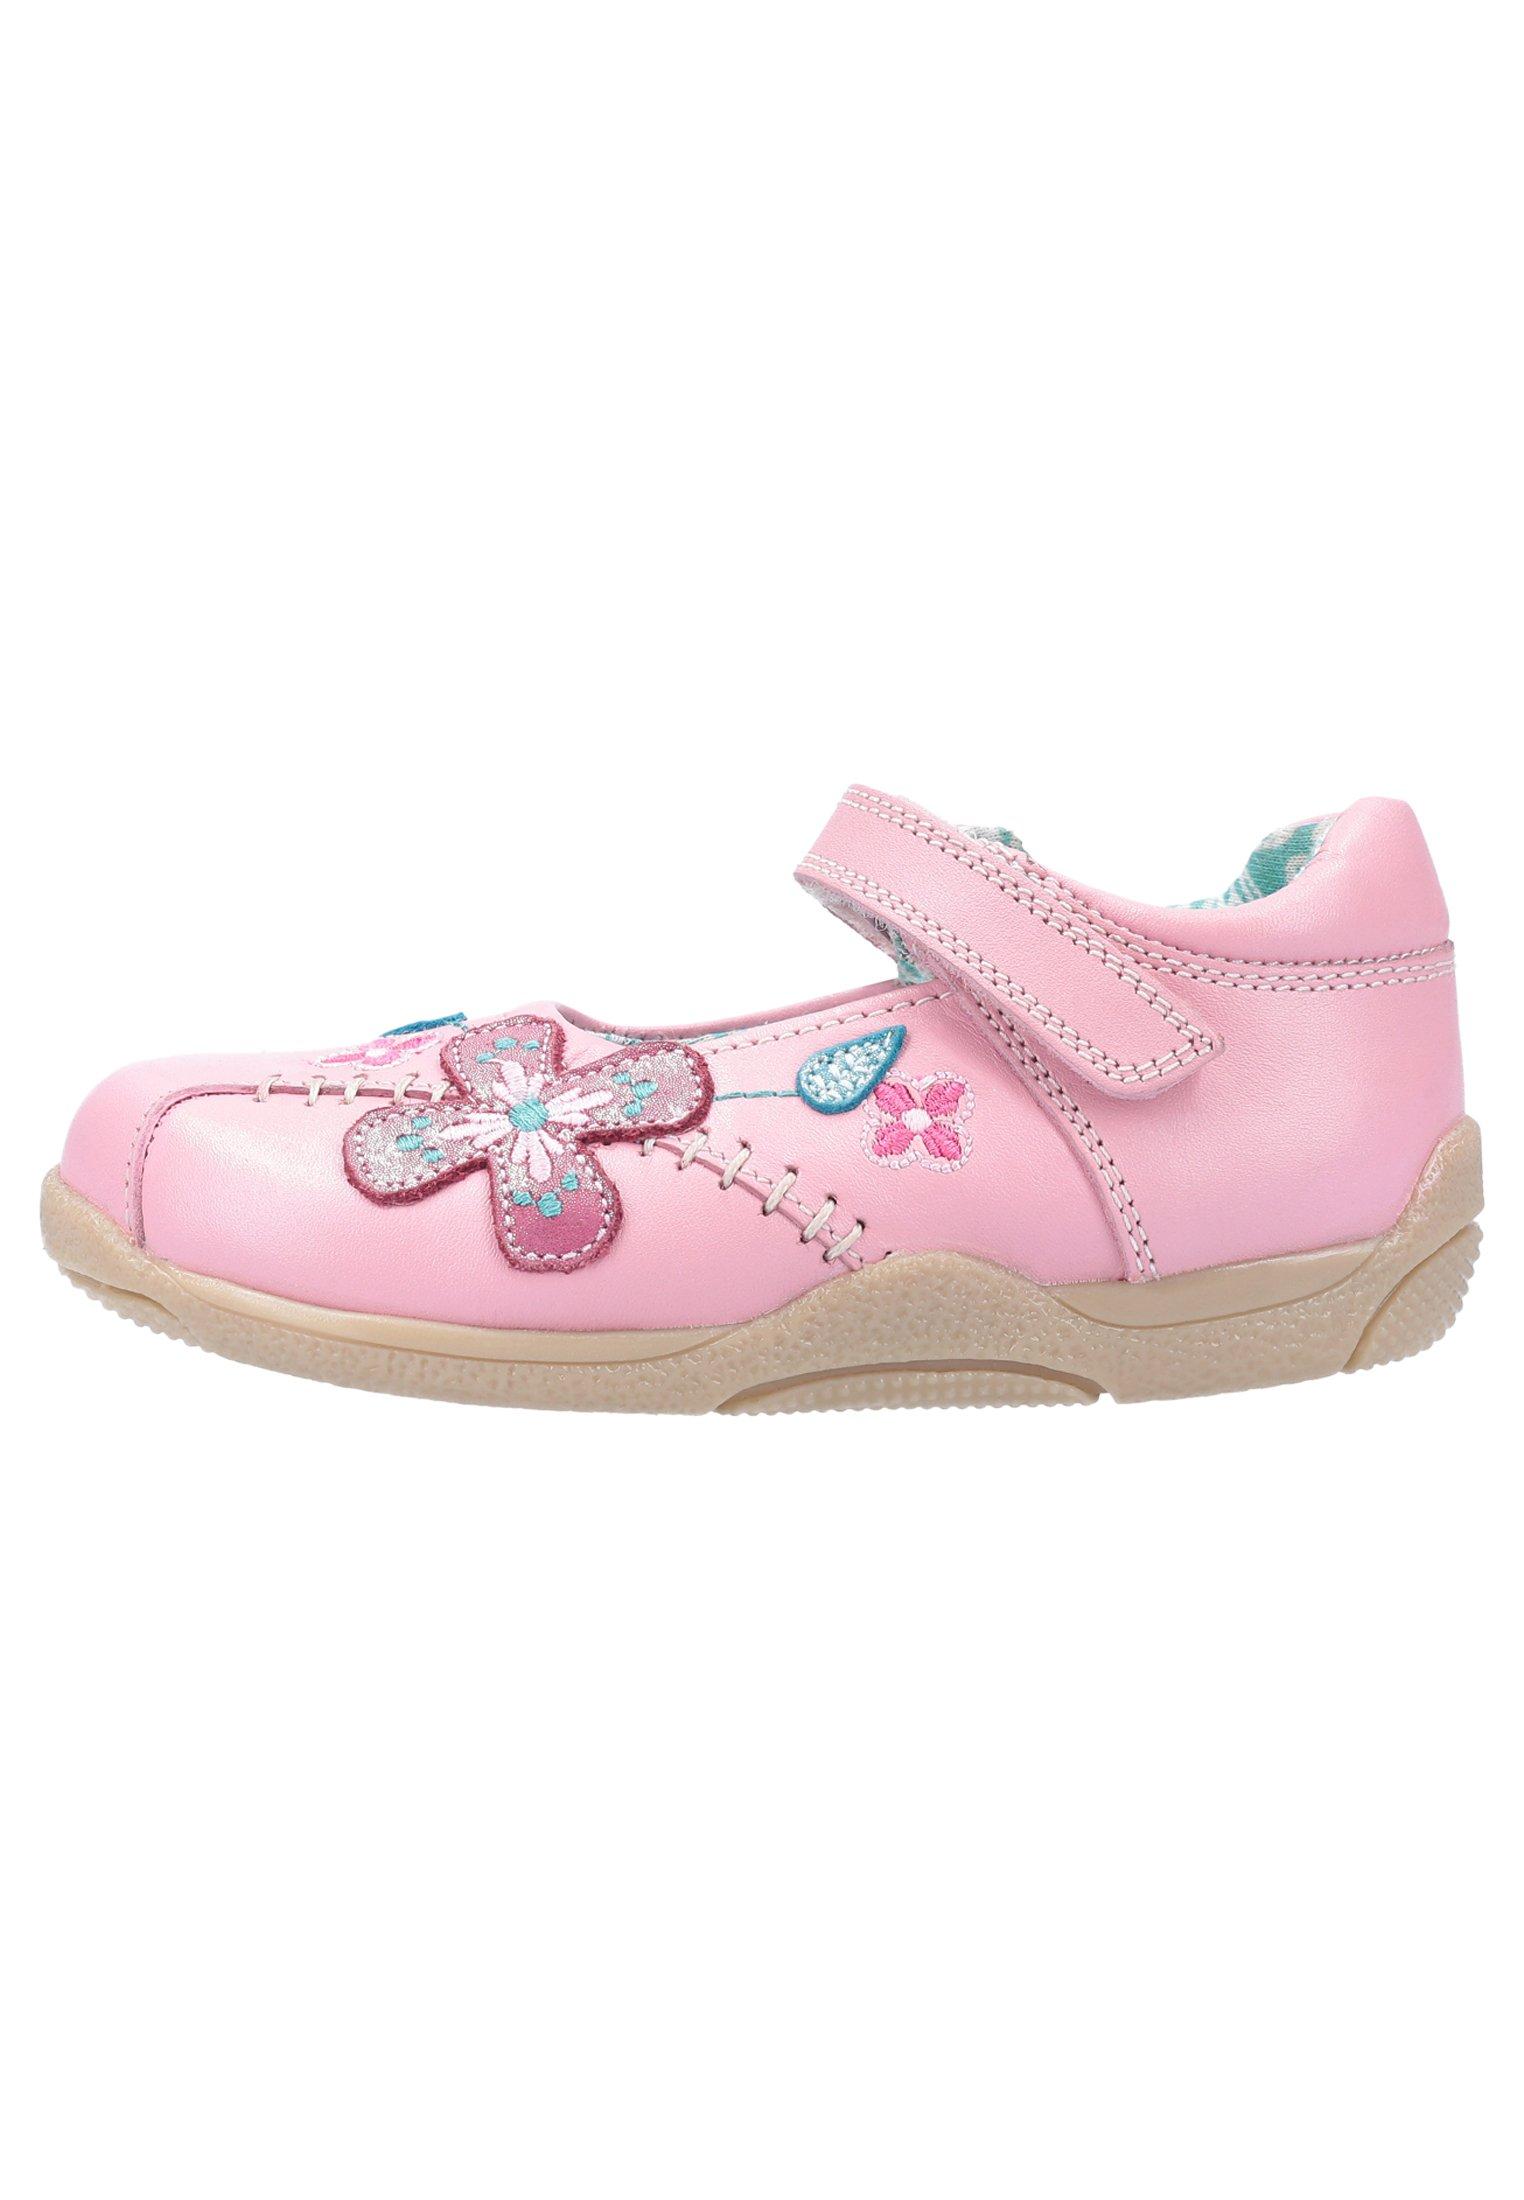 Kinder Ballerinas Größe 23 für kleine Prinzessinnen | ZALANDO